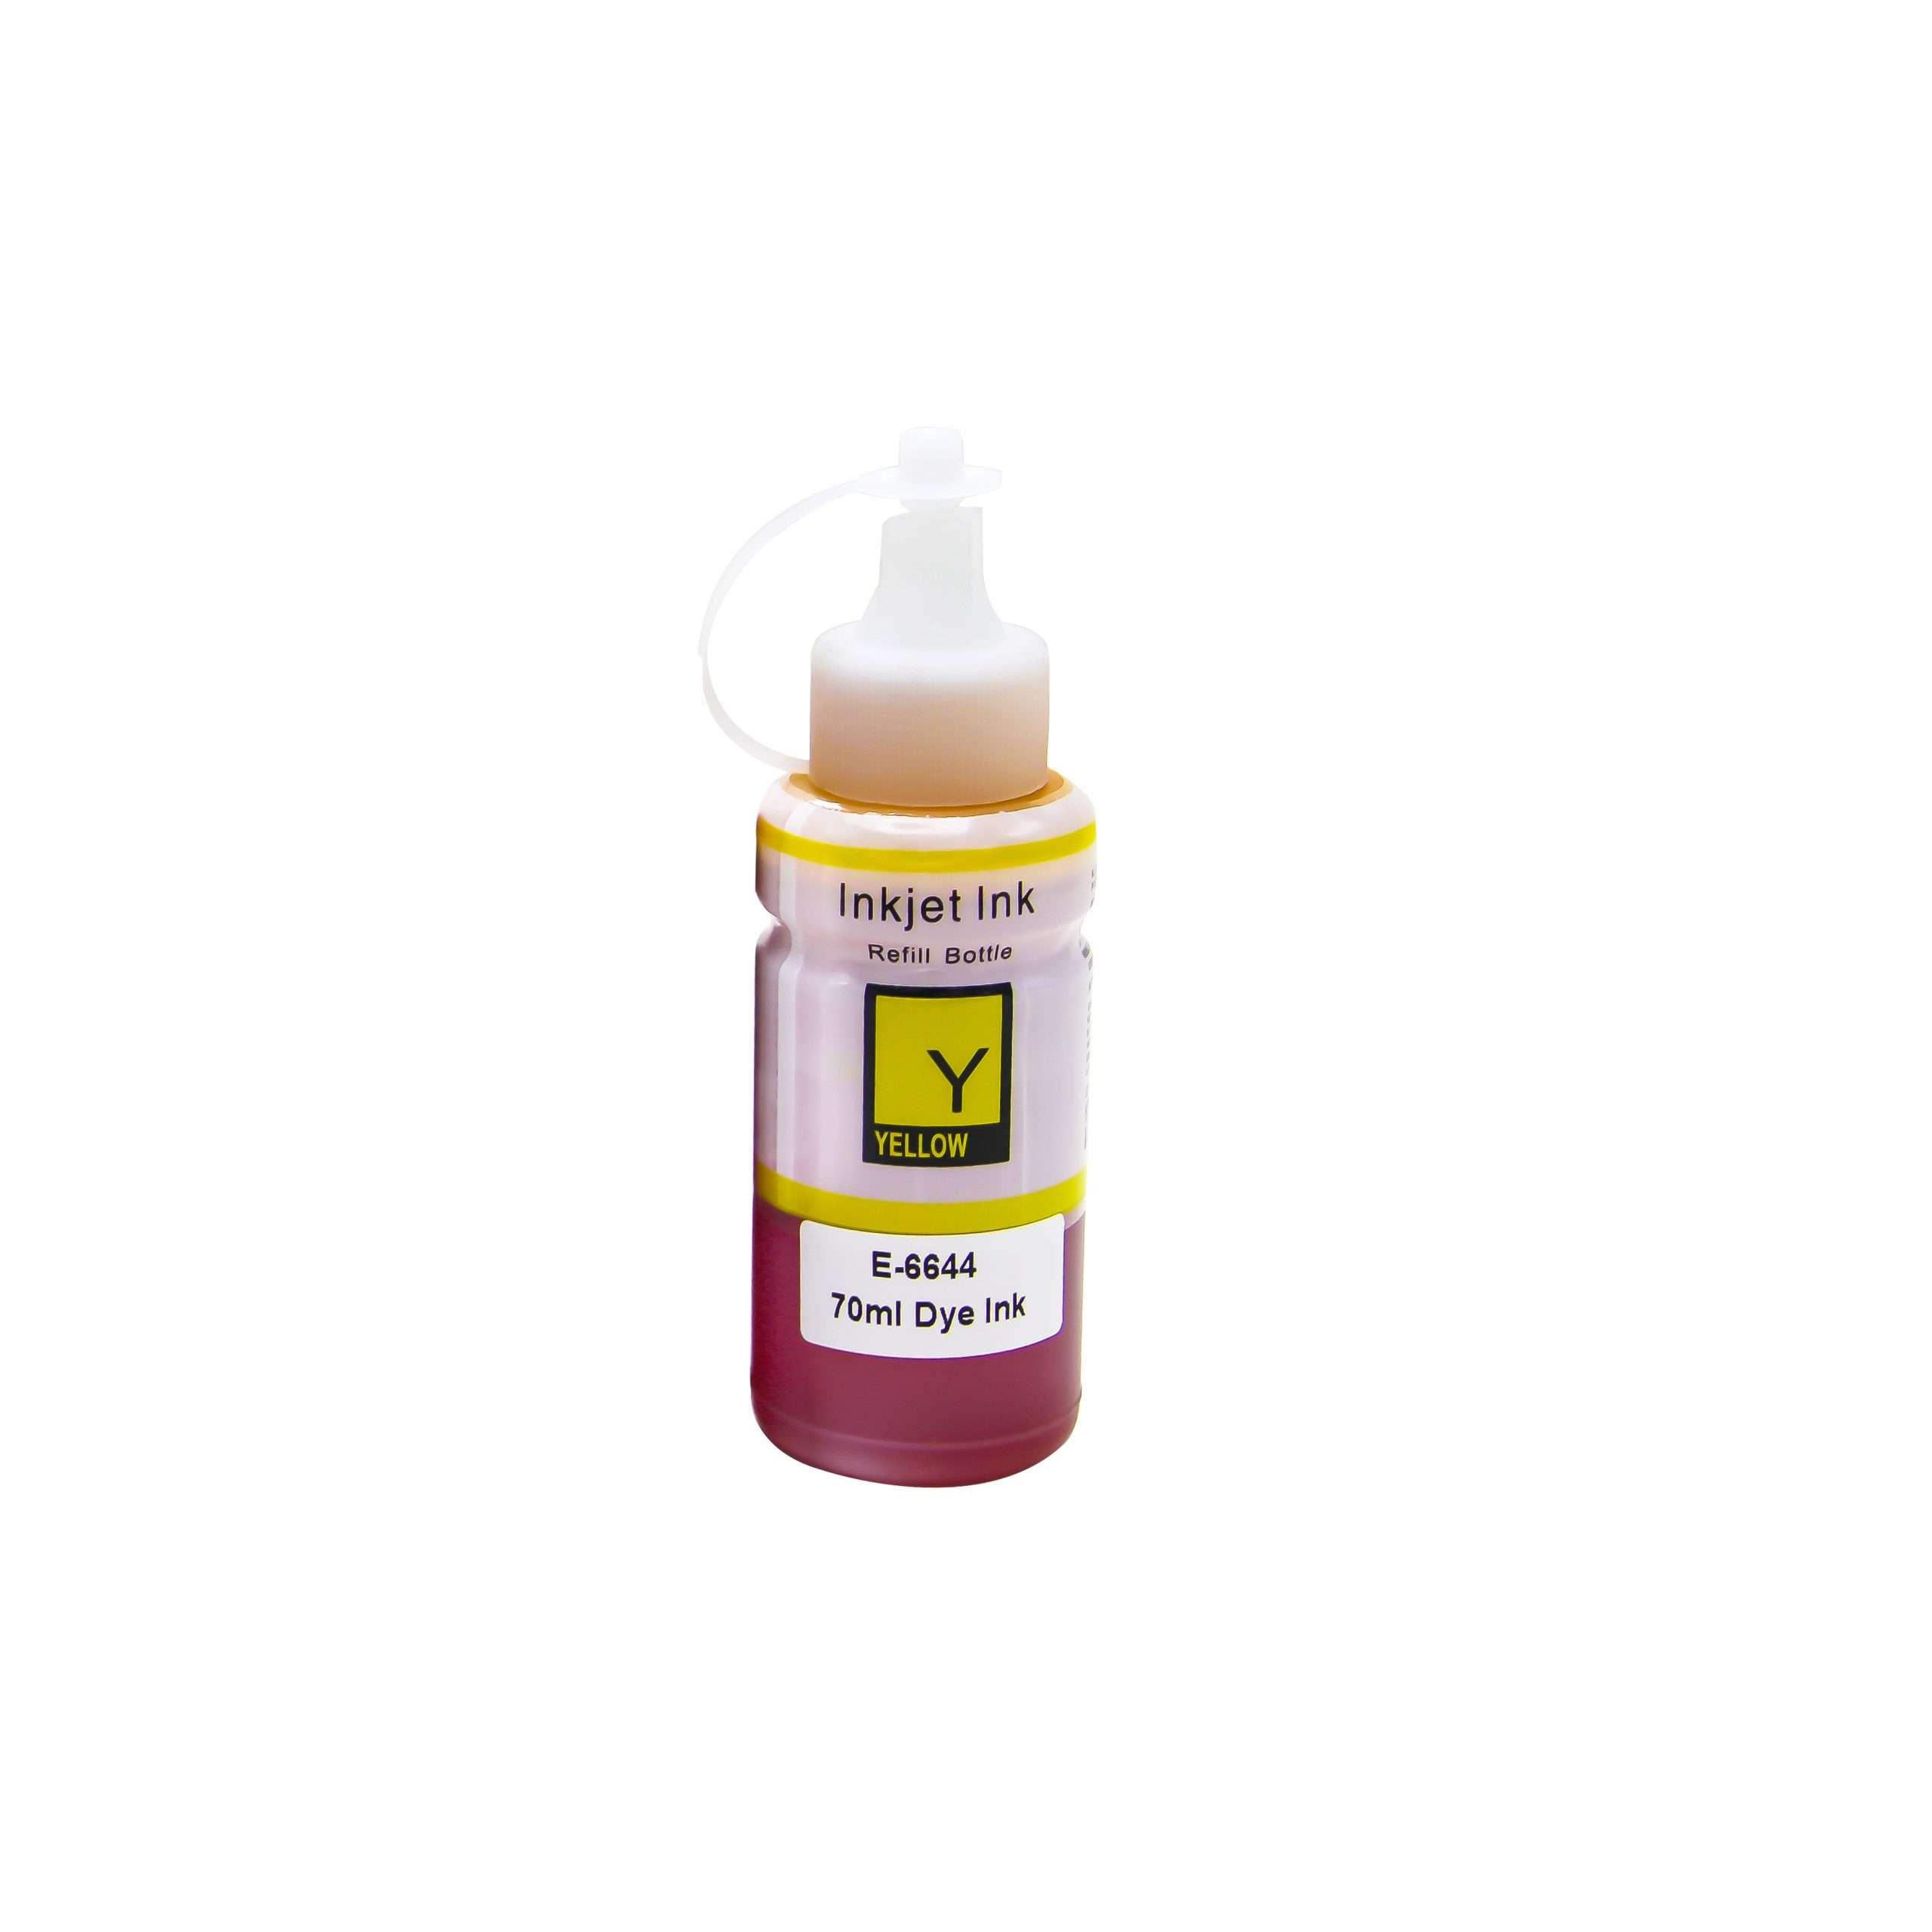 Epson E-6644 Yellow Premium Refill Ink 70ml